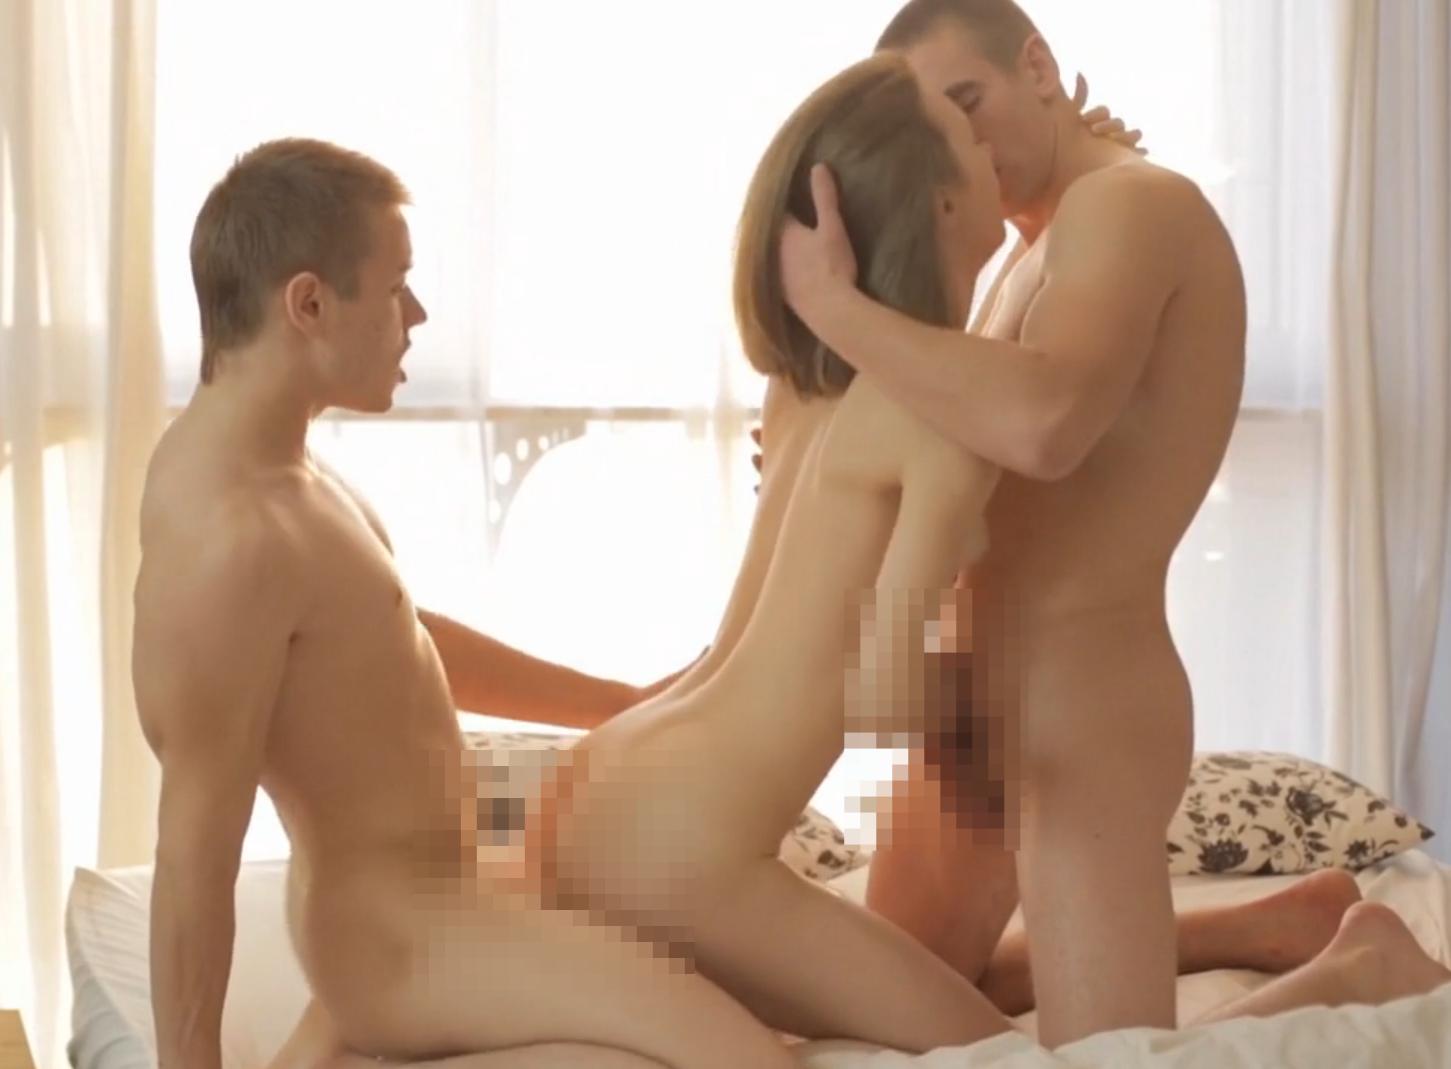 utrenniy-seks-vtroem